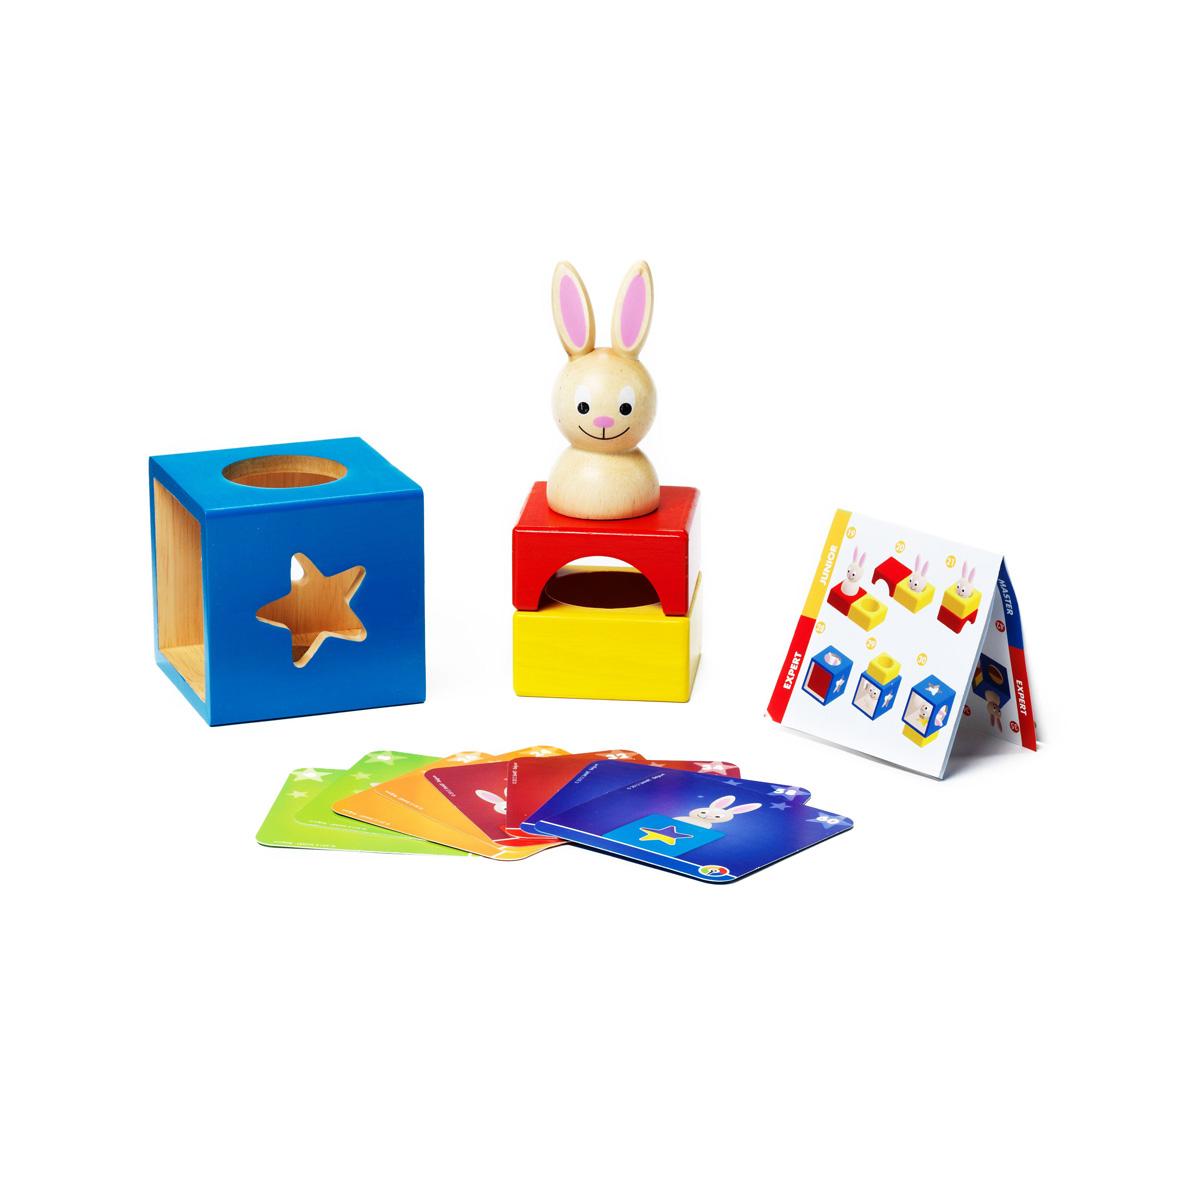 Игра Застенчивый КроликВВ0947Чудесная развивающая игра для малышей от 2 до 5 лет. Красочная деревянная головоломка с симпатичным кроликом и интересными заданиями, подходящими для маленьких детей, поможет им развивать внимание, память, логическое мышление, цветовое восприятие в увлекательной игровой форме. Чтобы справиться с заданием, ребенку требуется расположить объемные детали головоломки таким образом, чтобы решить одну из поставленных задач на карточке. Подробная инструкция содержит полезные советы для родителей по обучению юных игроков. В игру можно играть одному, с другом, родителями, бабушкой или дедушкой, благодаря качественному дизайну и разнообразным заданиям игра долго не наскучит малышу. Характеристики: Материал: дерево. Количество игроков: от 1. Размер упаковки: 24 см х 10,5 см х 24 см. Изготовитель: Китай.